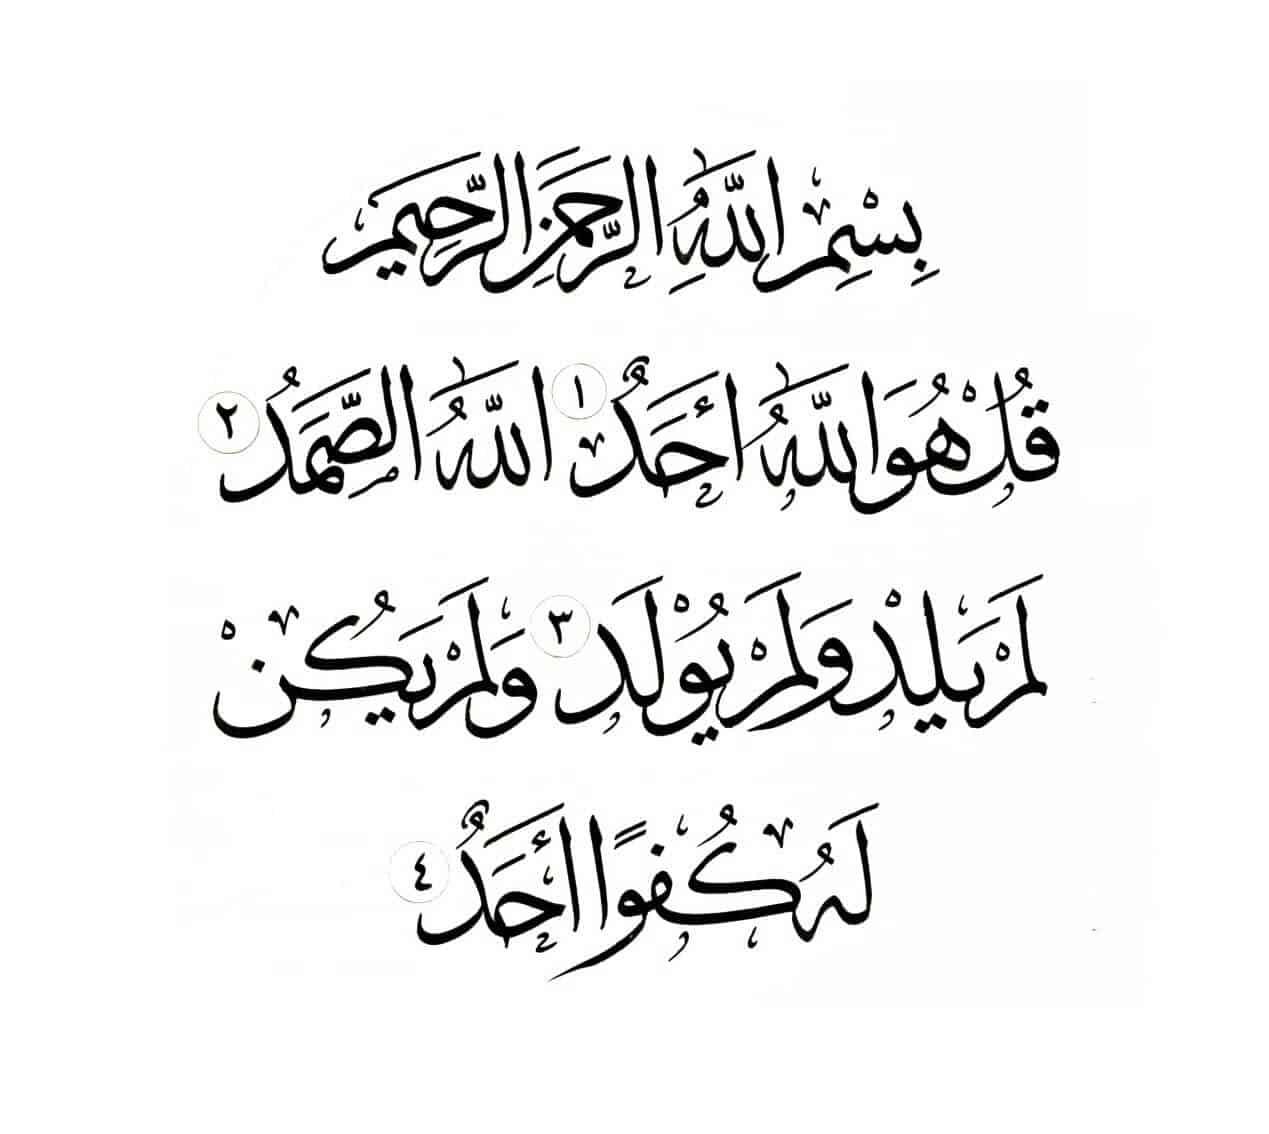 Surat Al Ikhlas Arab Lengkap Dengan Terjemahannya [Complete]